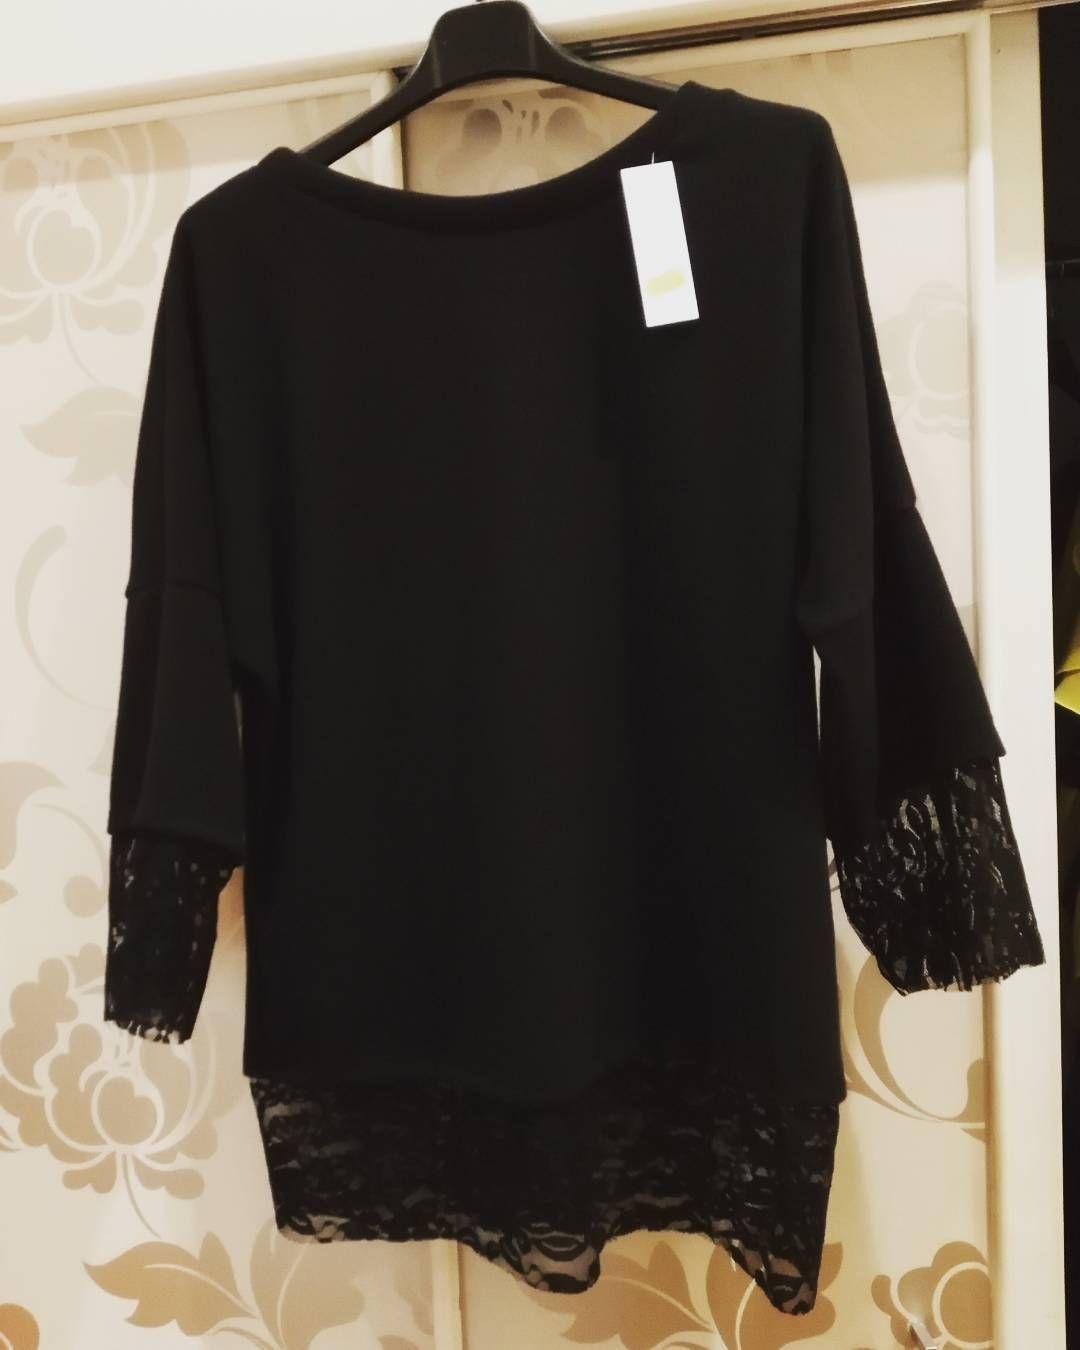 Neww #maglia pizzo #valeria #abbigliamento